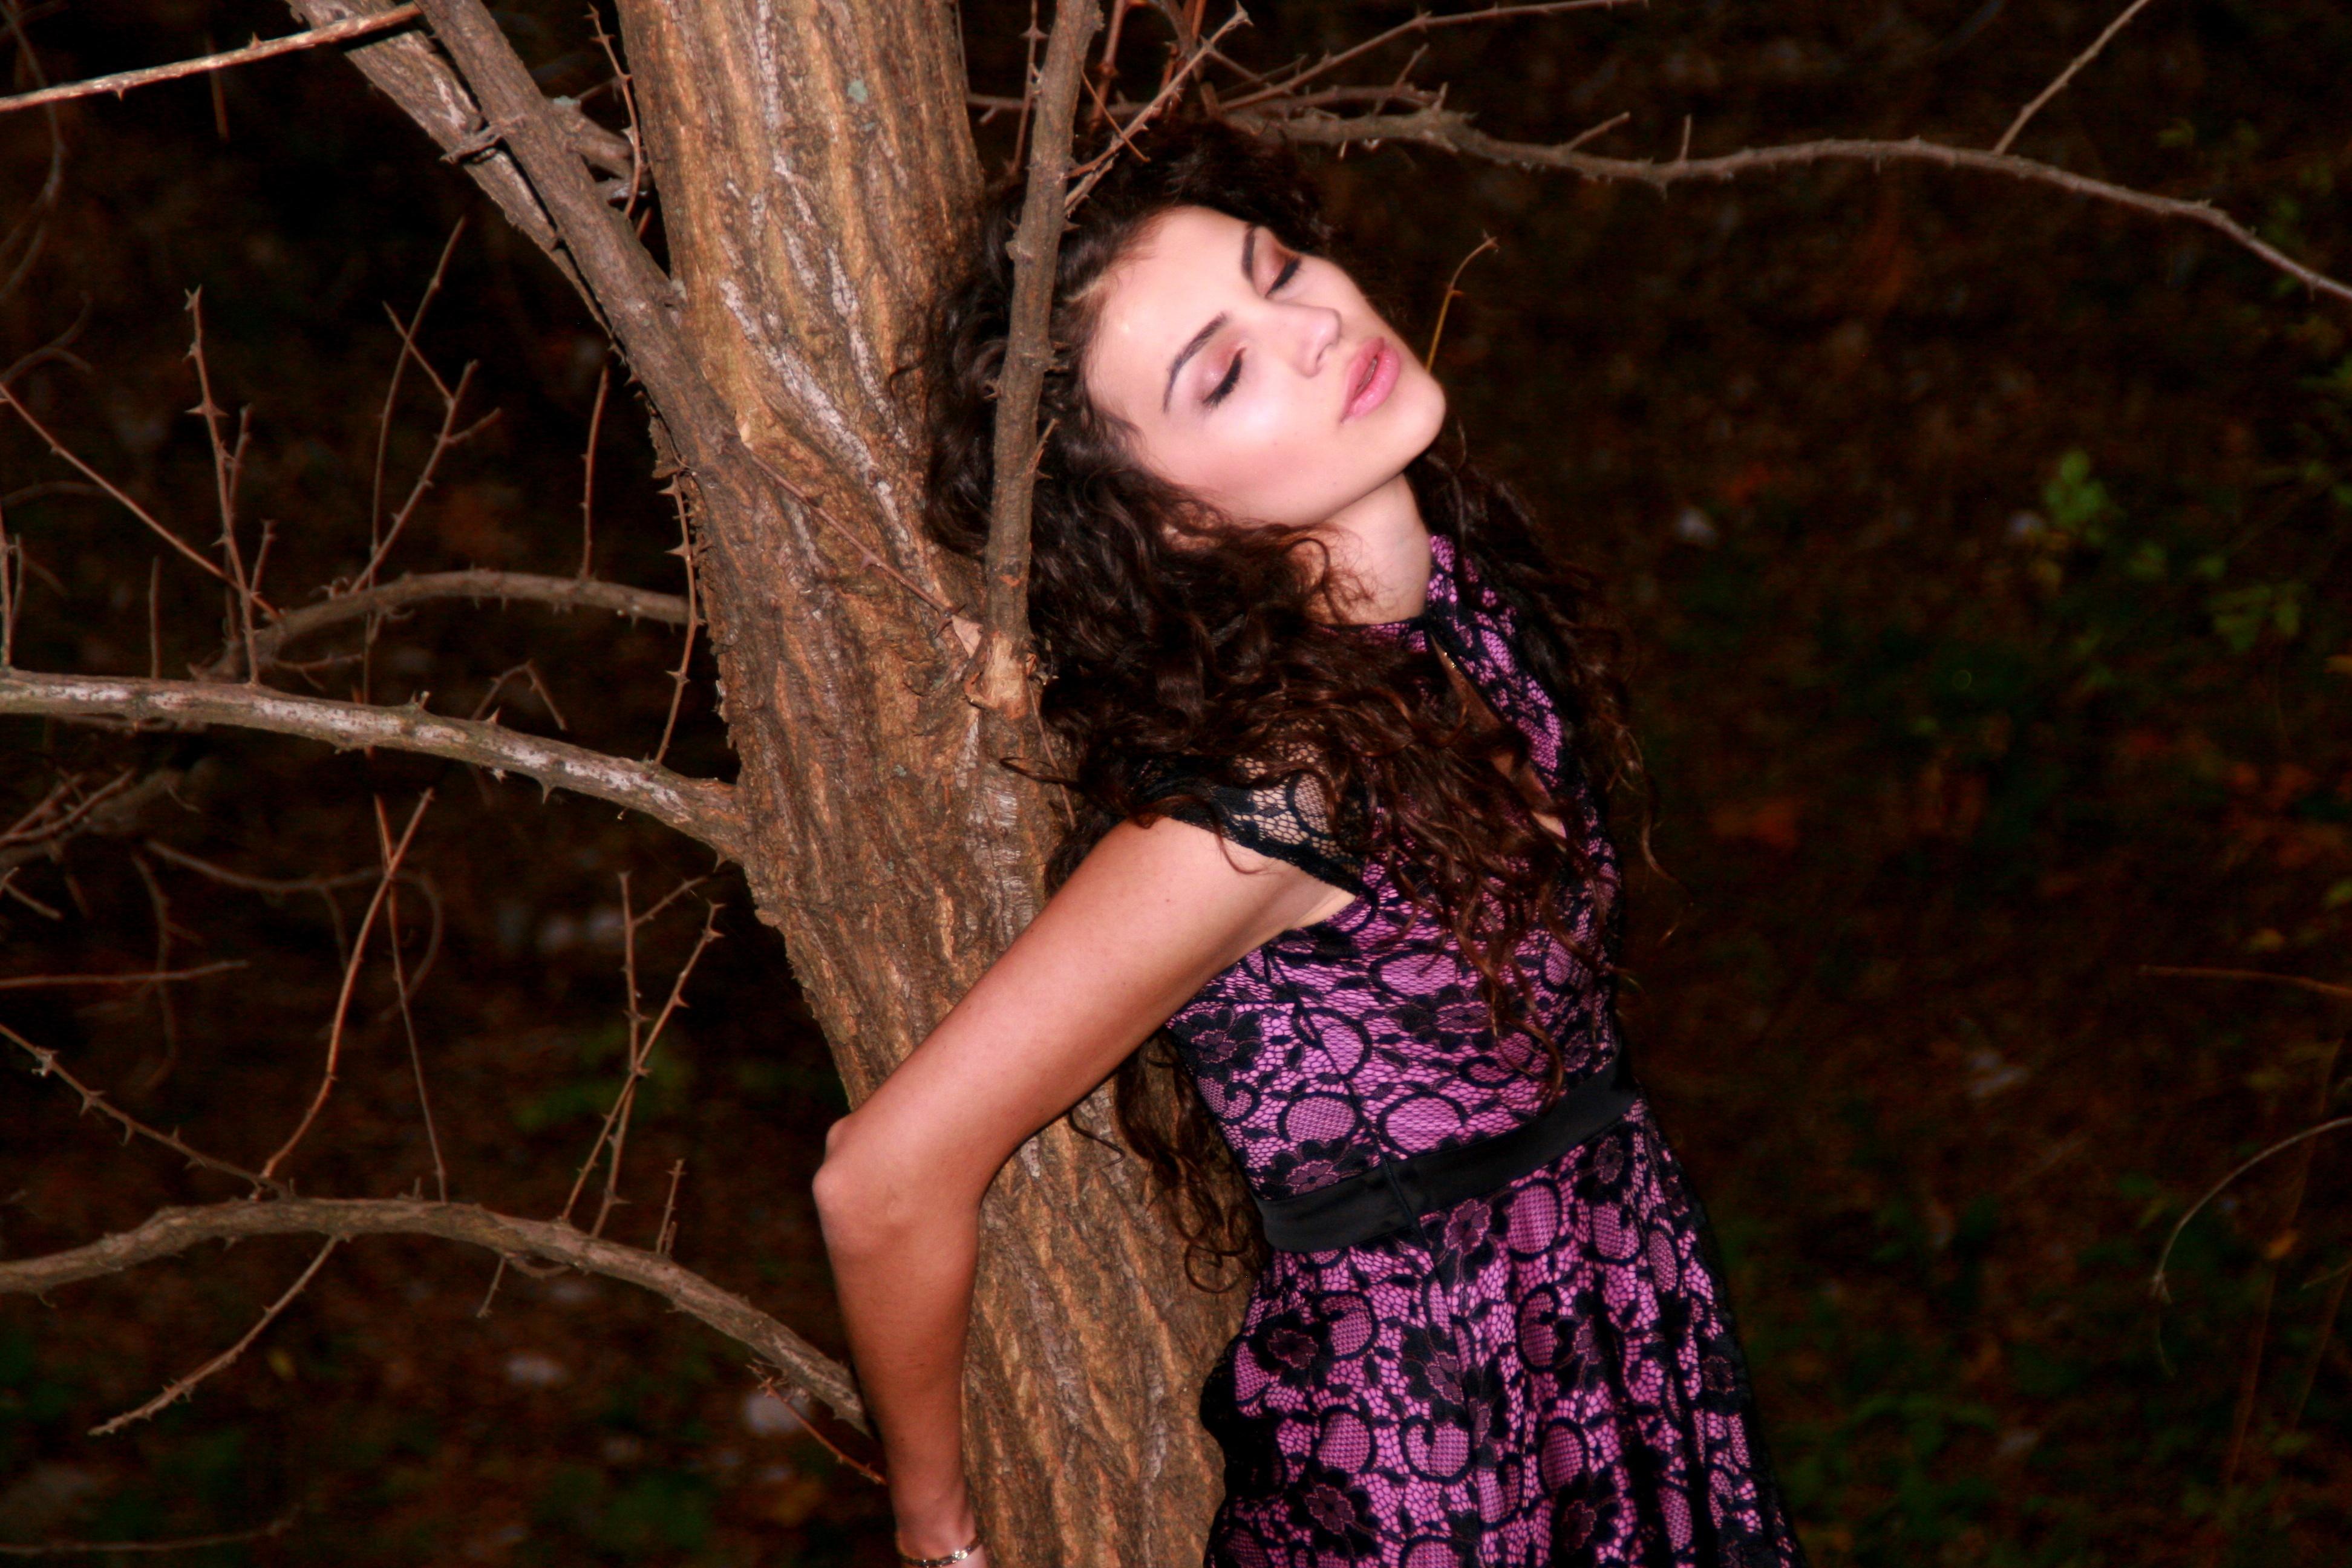 Фото связанной девушки к дереву #9